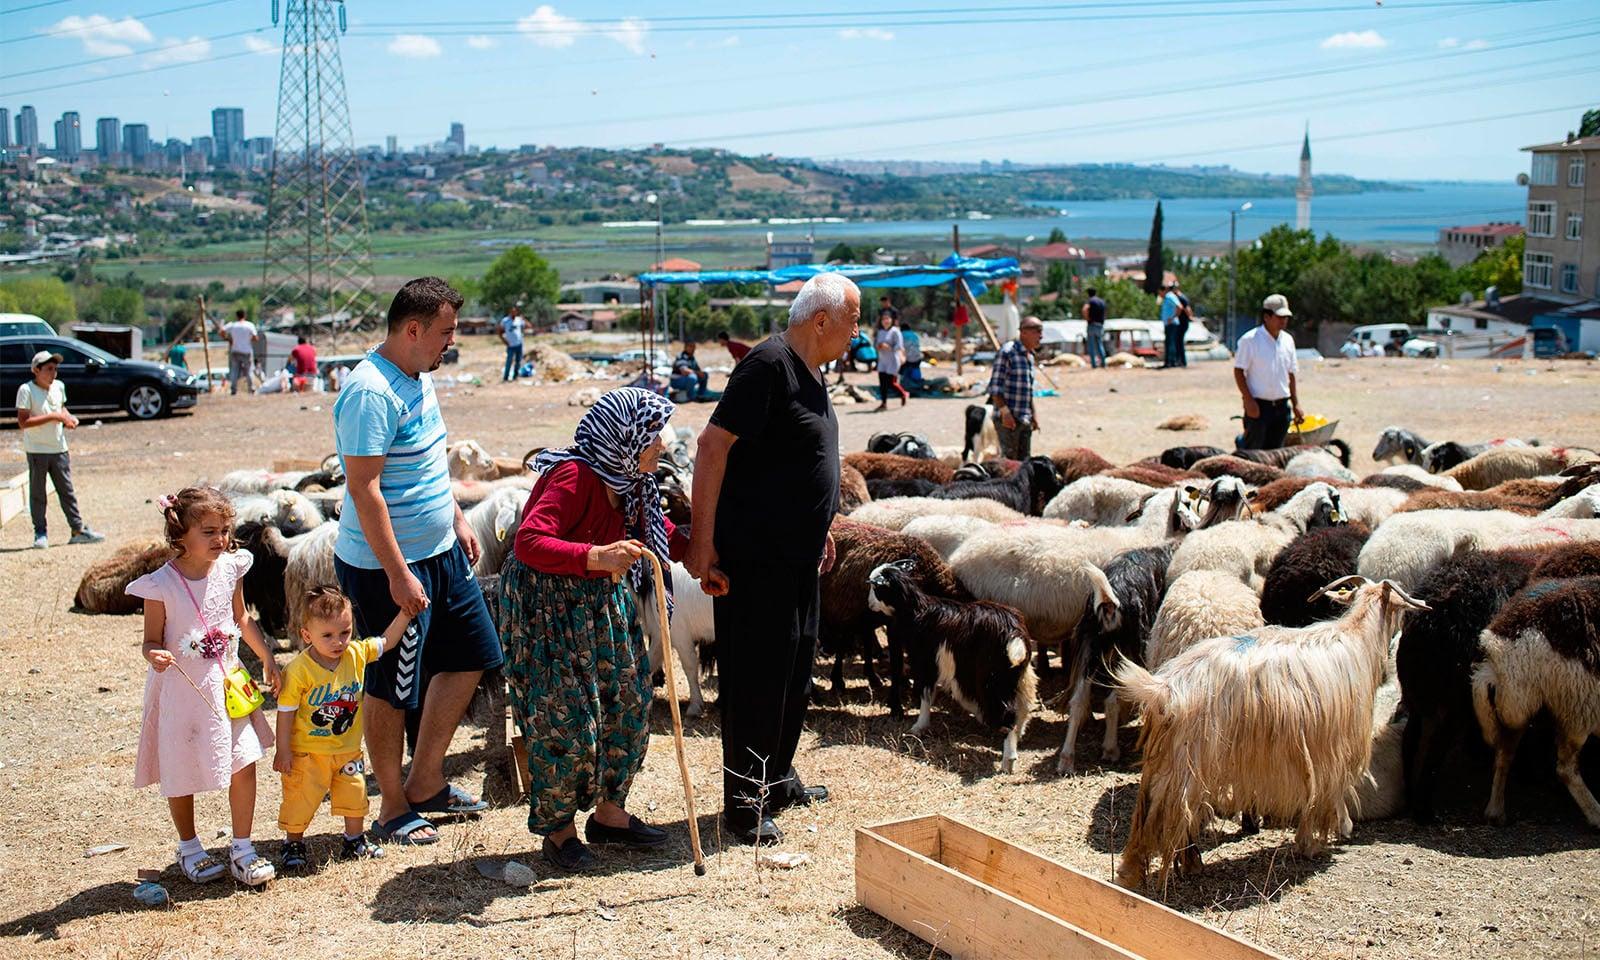 ترکی میں ایک خاندان قربانی کے لیے جانور پسند کرتے ہوئے—تصویر: اے ایف پی